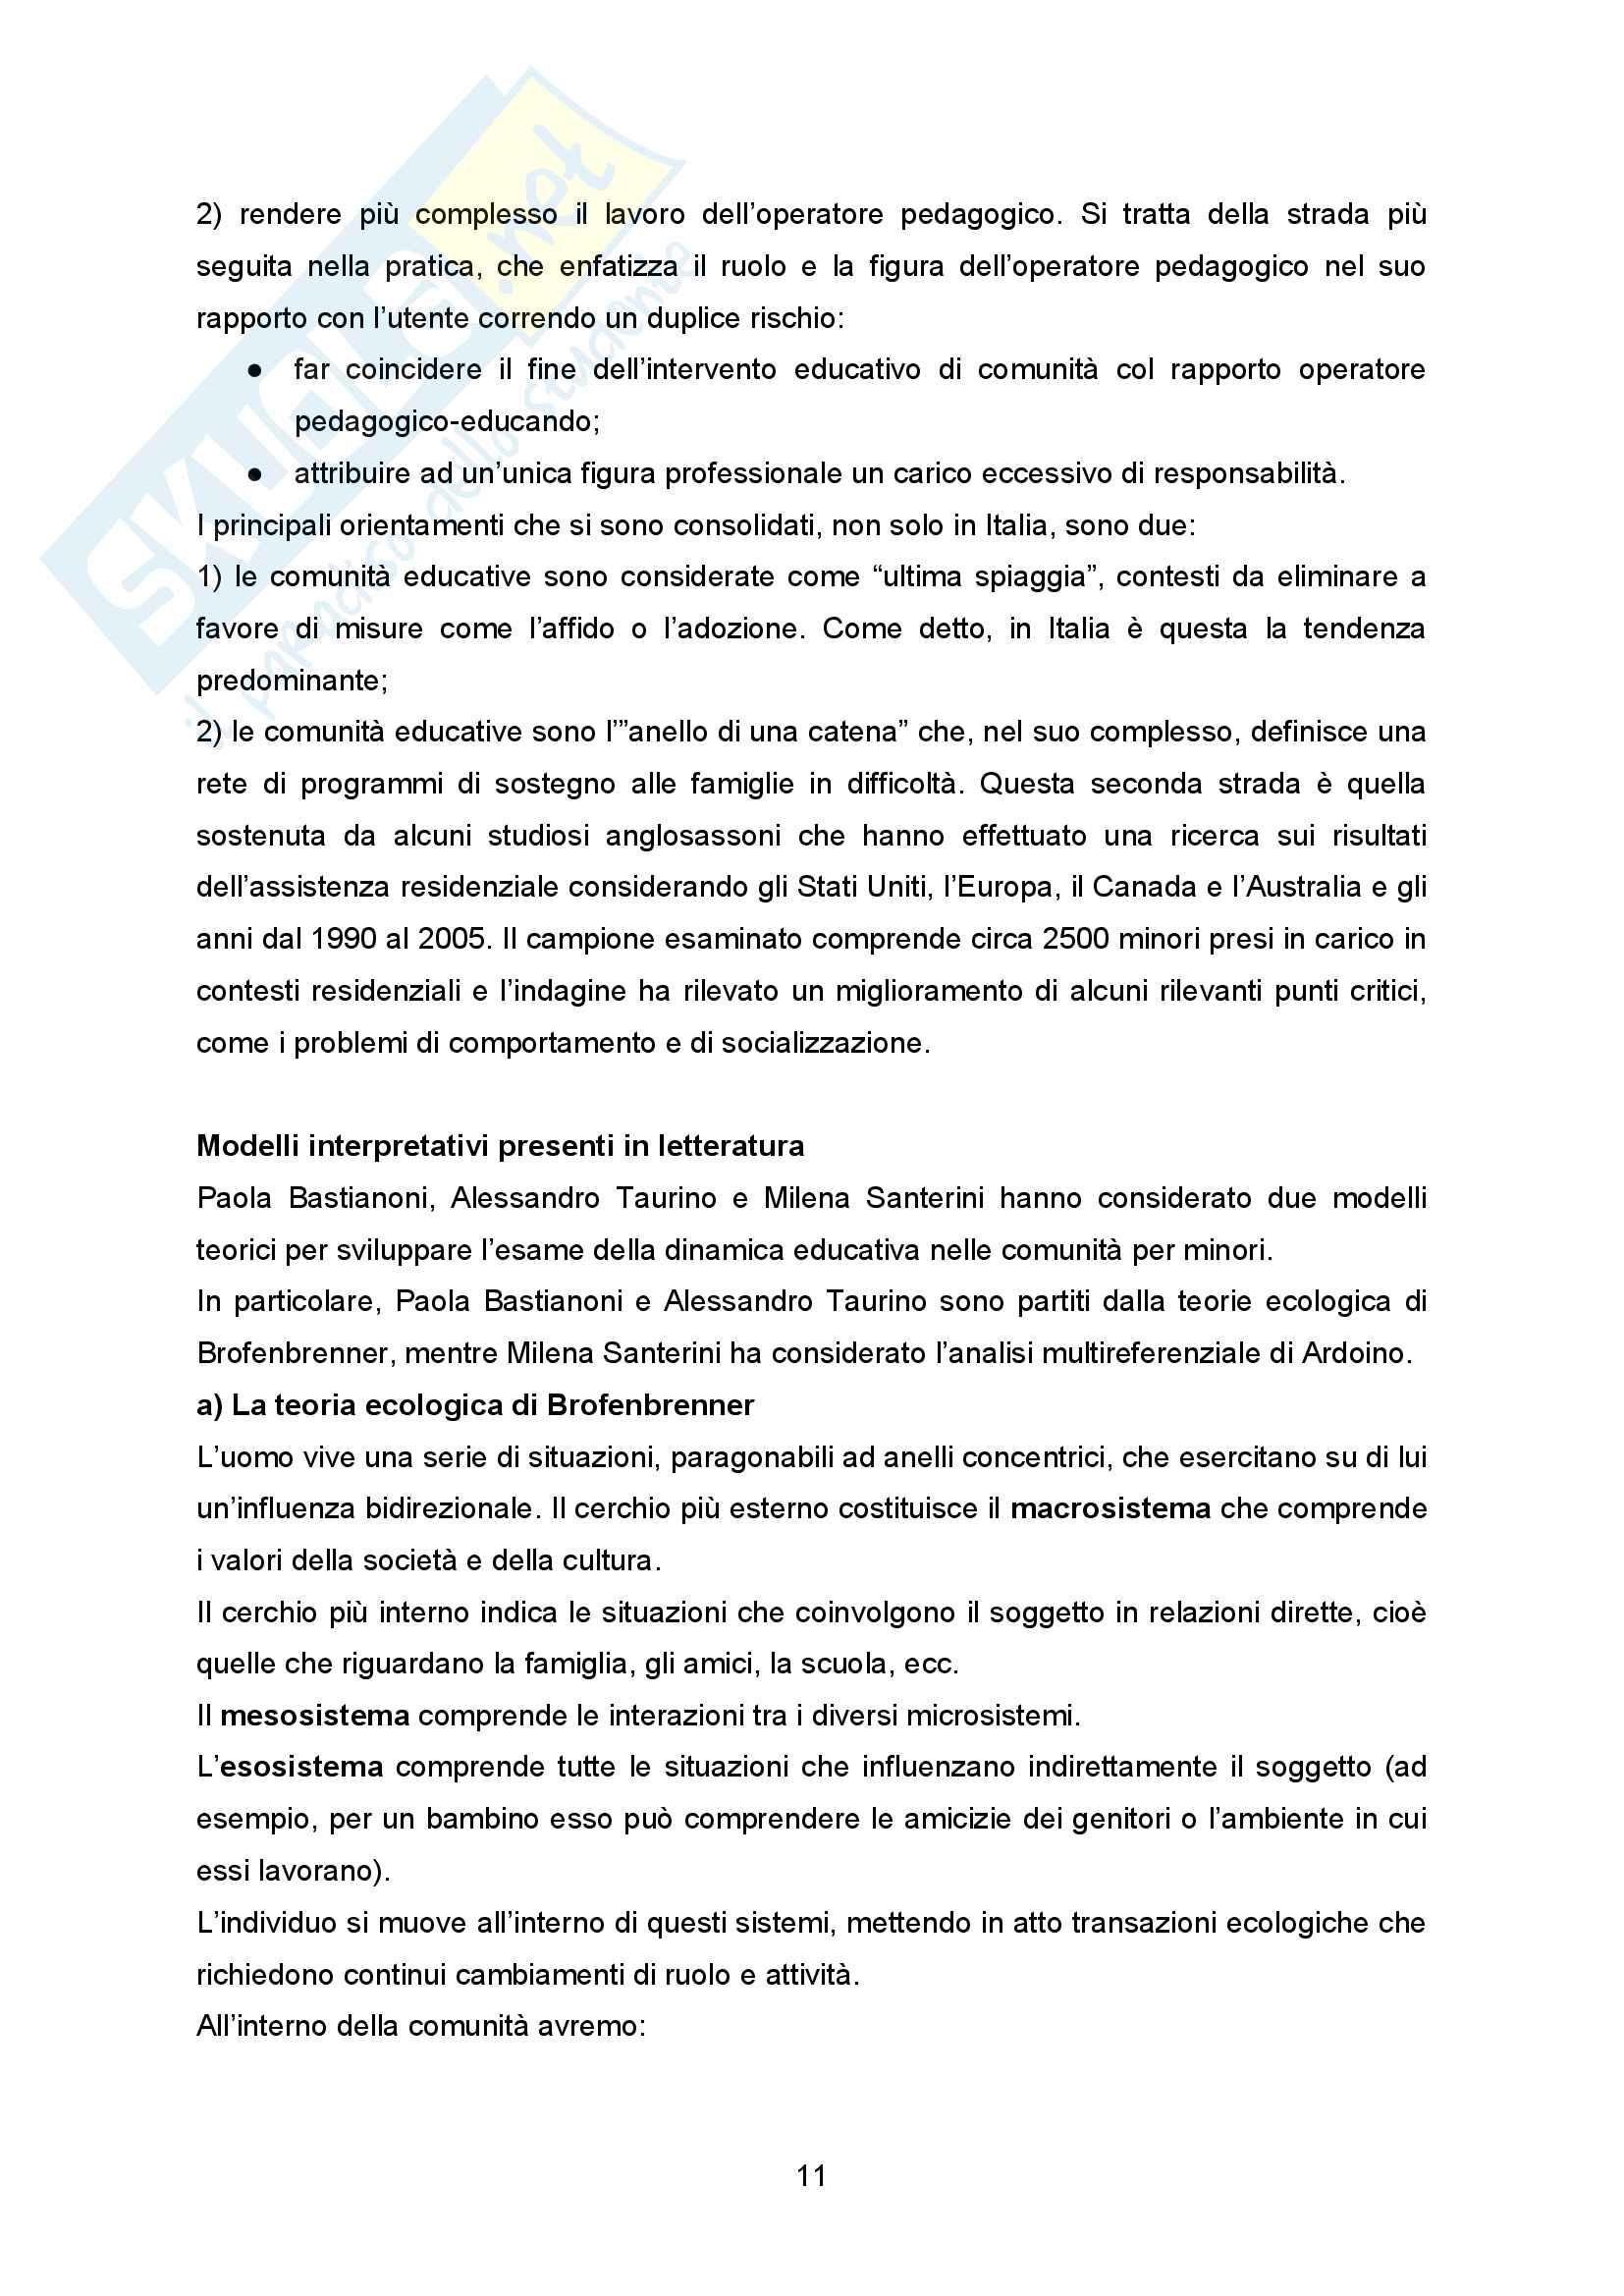 """Sunto Pedagogia dell'adolescenza, prof Barone libro consigliato """"La comunità per minori - Un modello pedagogico"""" di Alessandra Tibollo Pag. 11"""